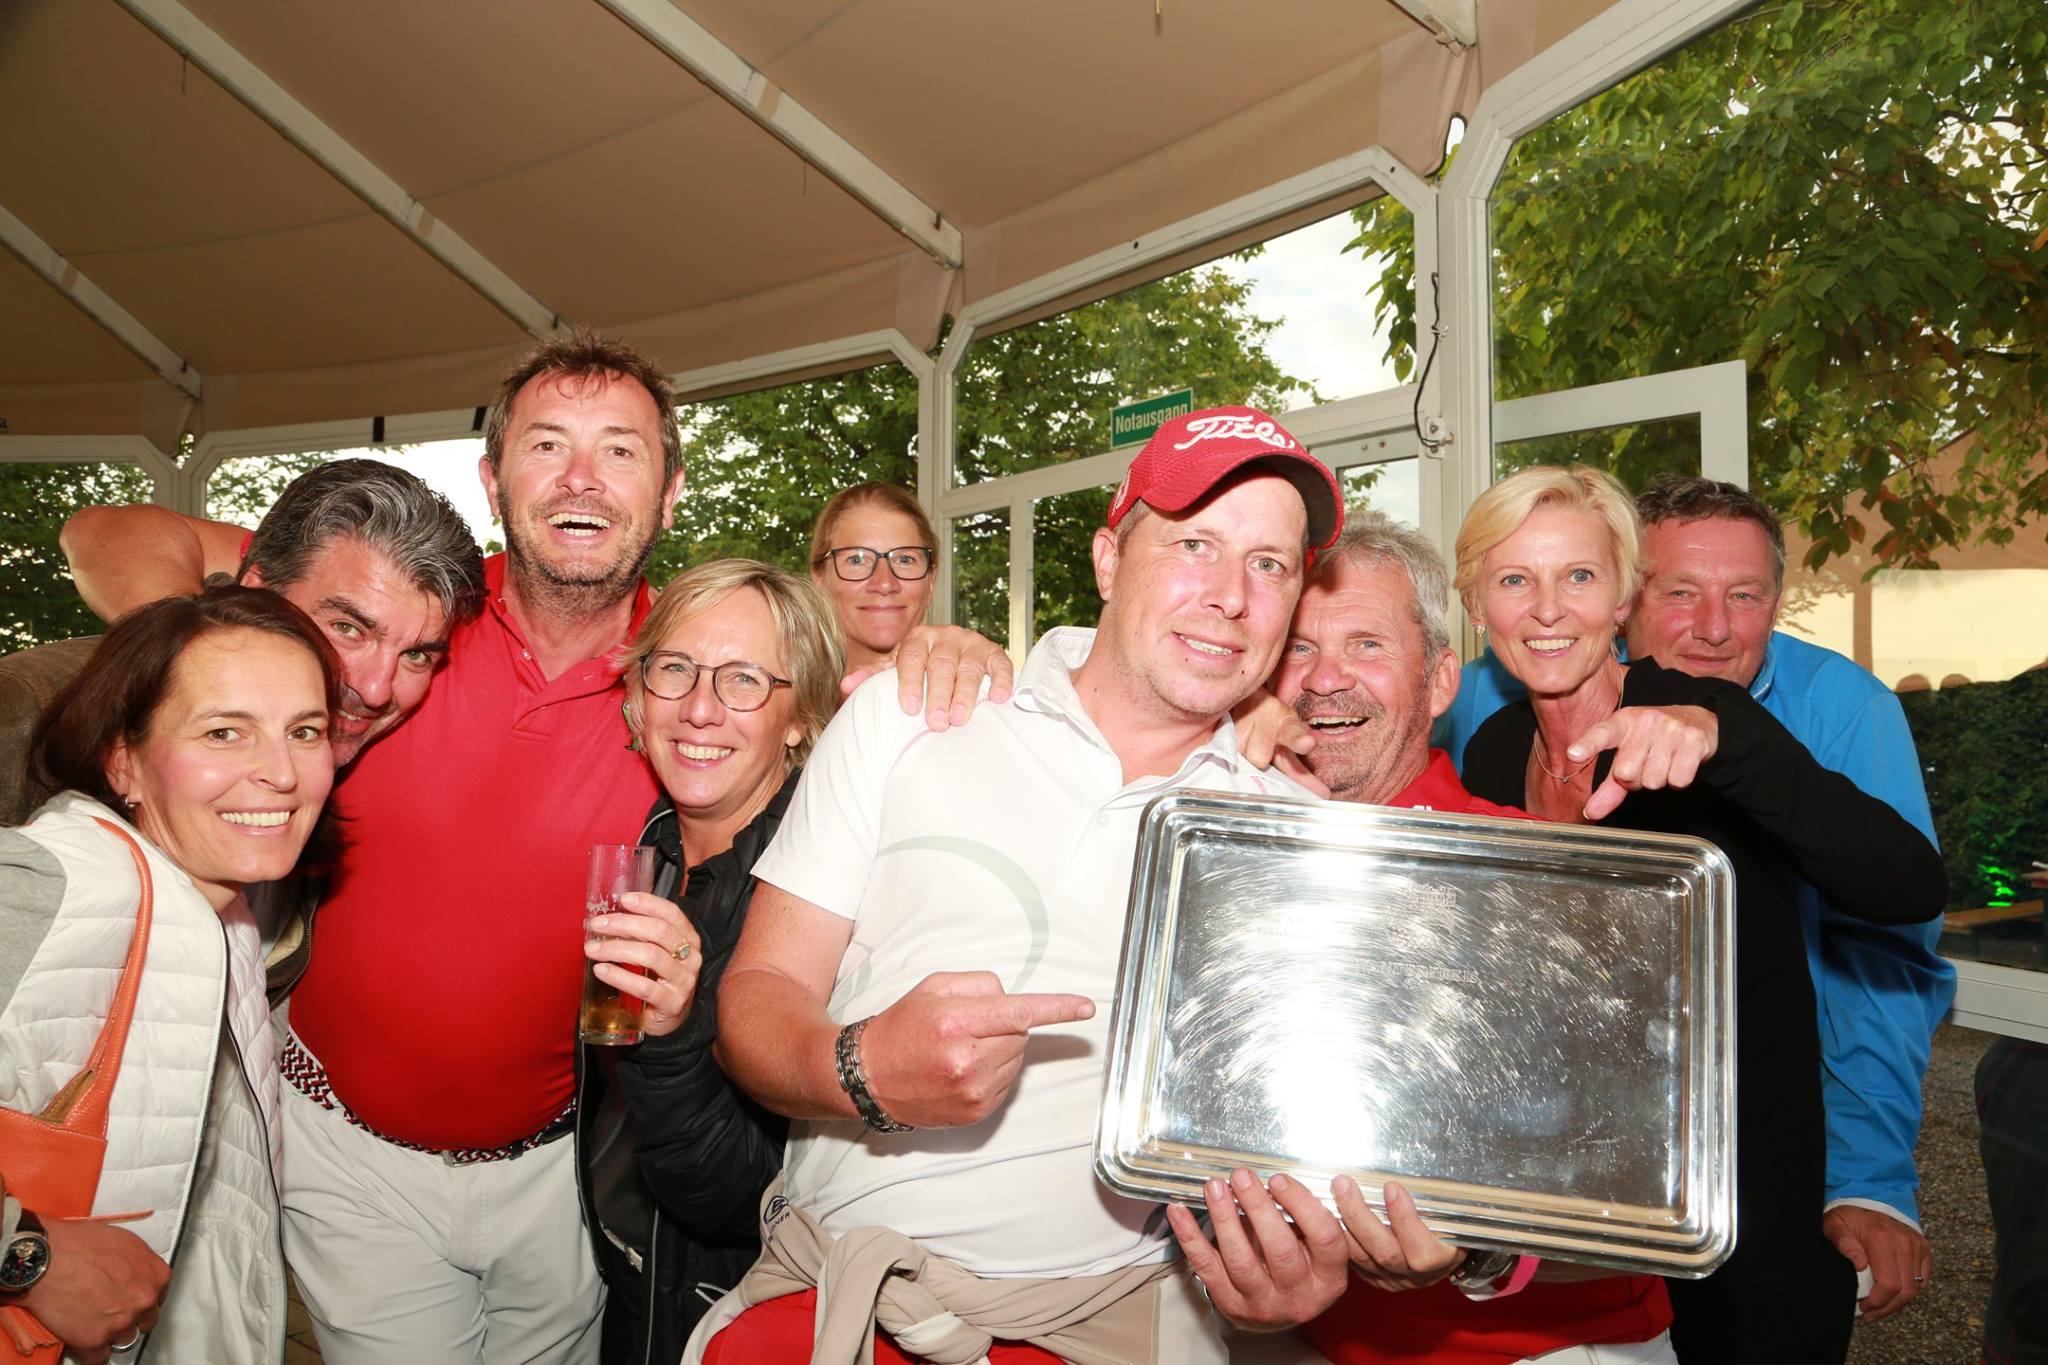 Die linksrheinischen Gewinner mit dem Wanderpokal (Foto: GC Lüderich)